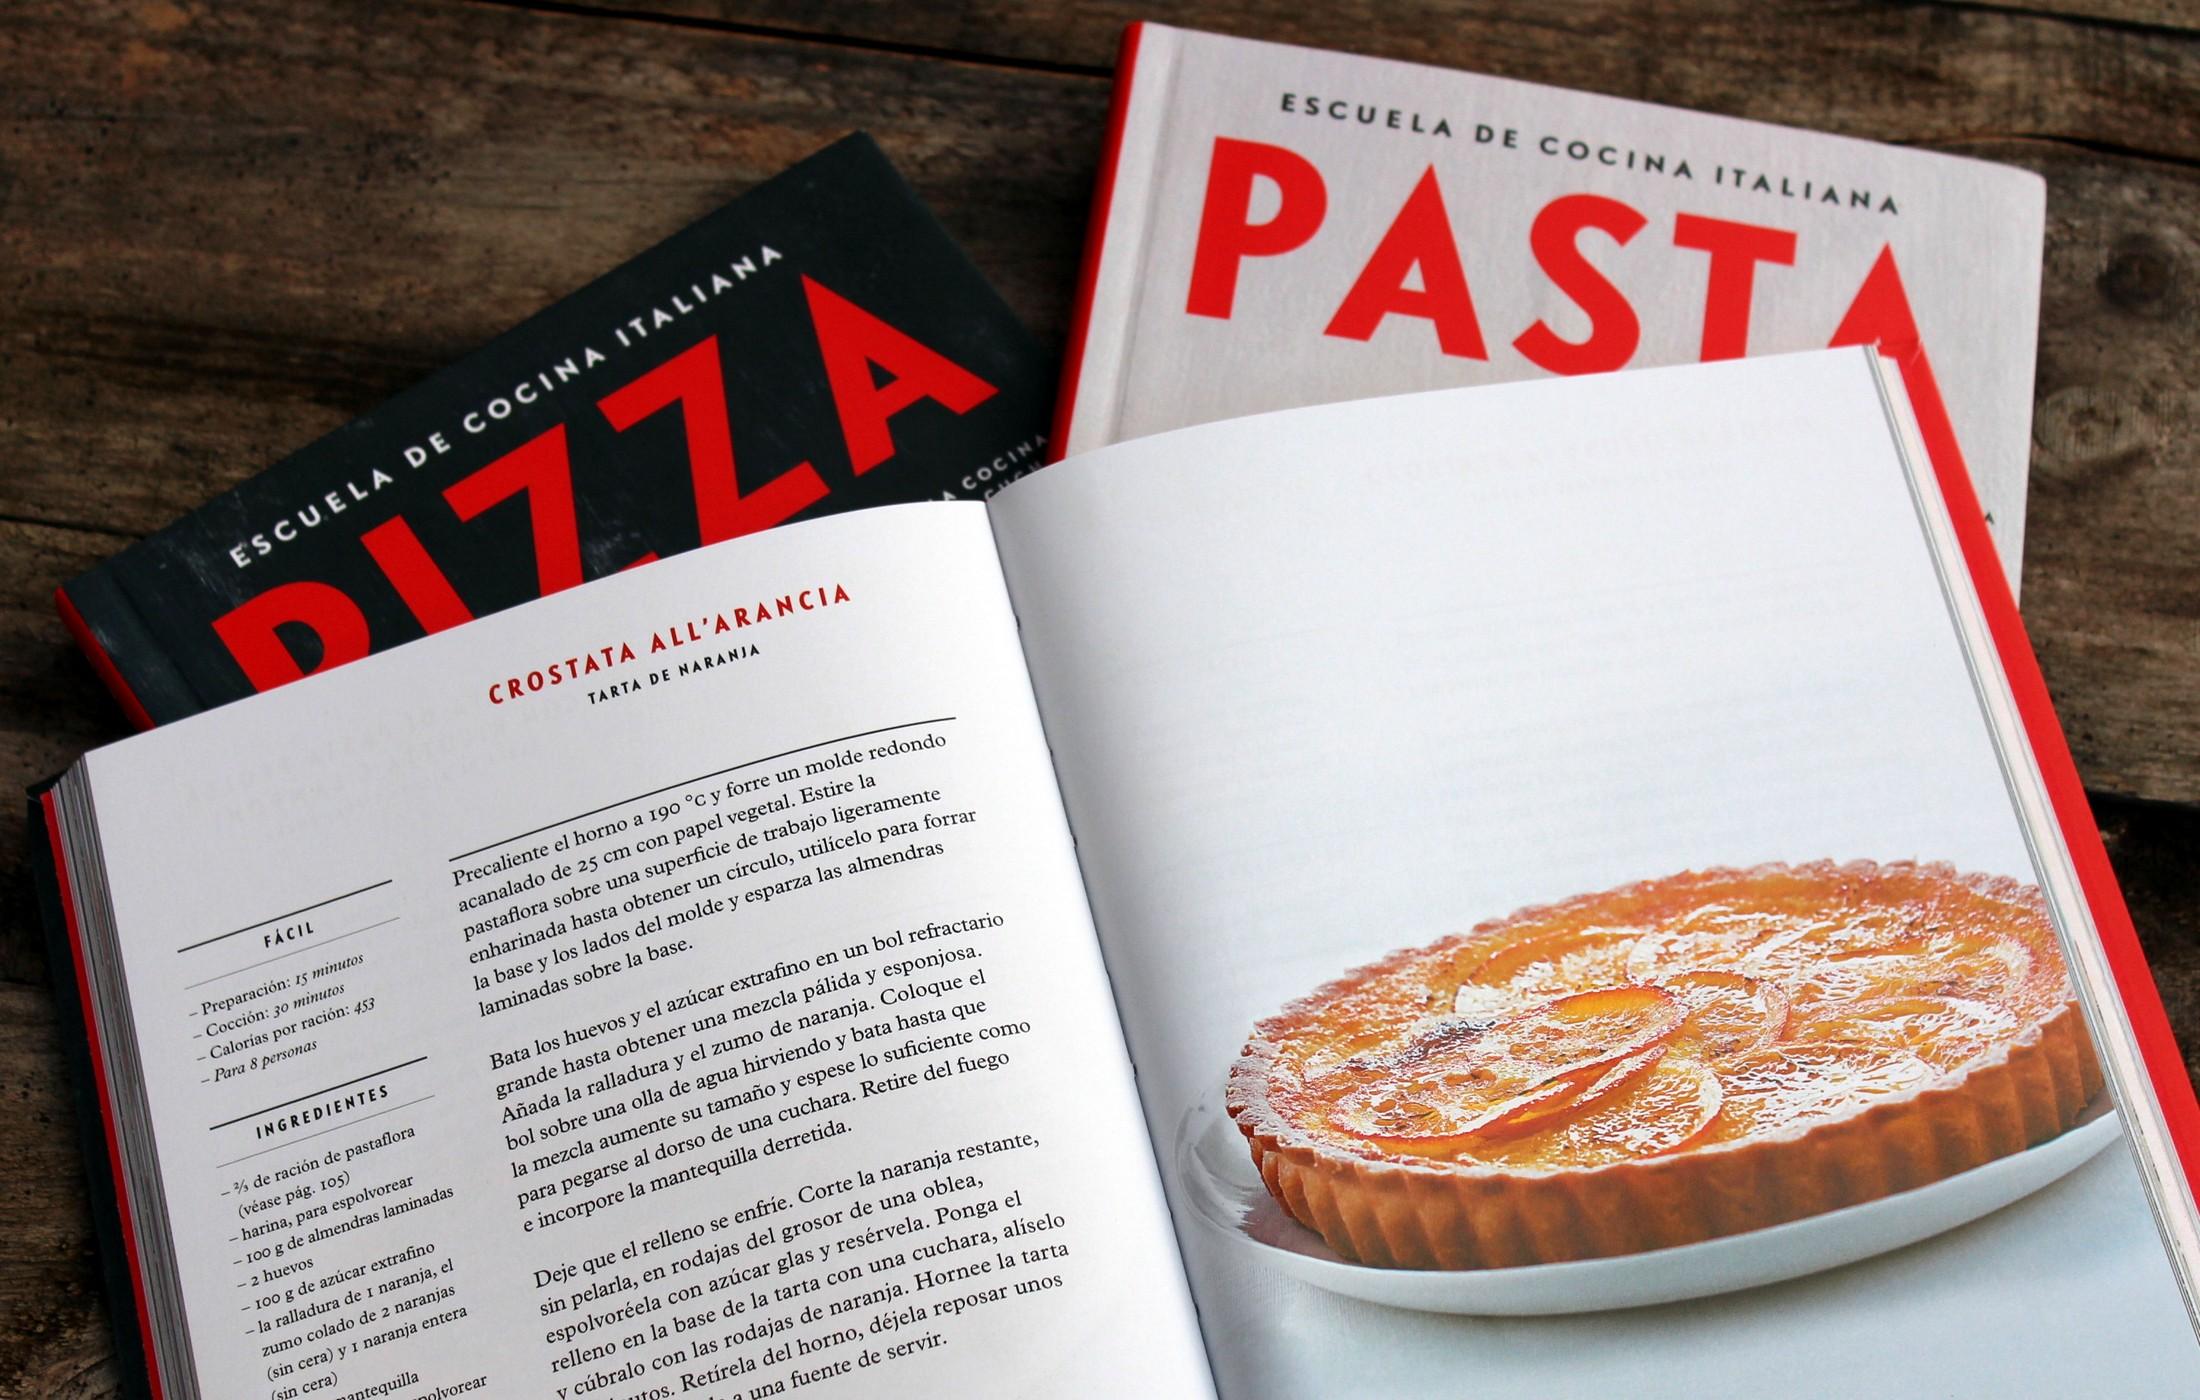 Escuela De Cocina Italiana Pizza Pasta Y Postres